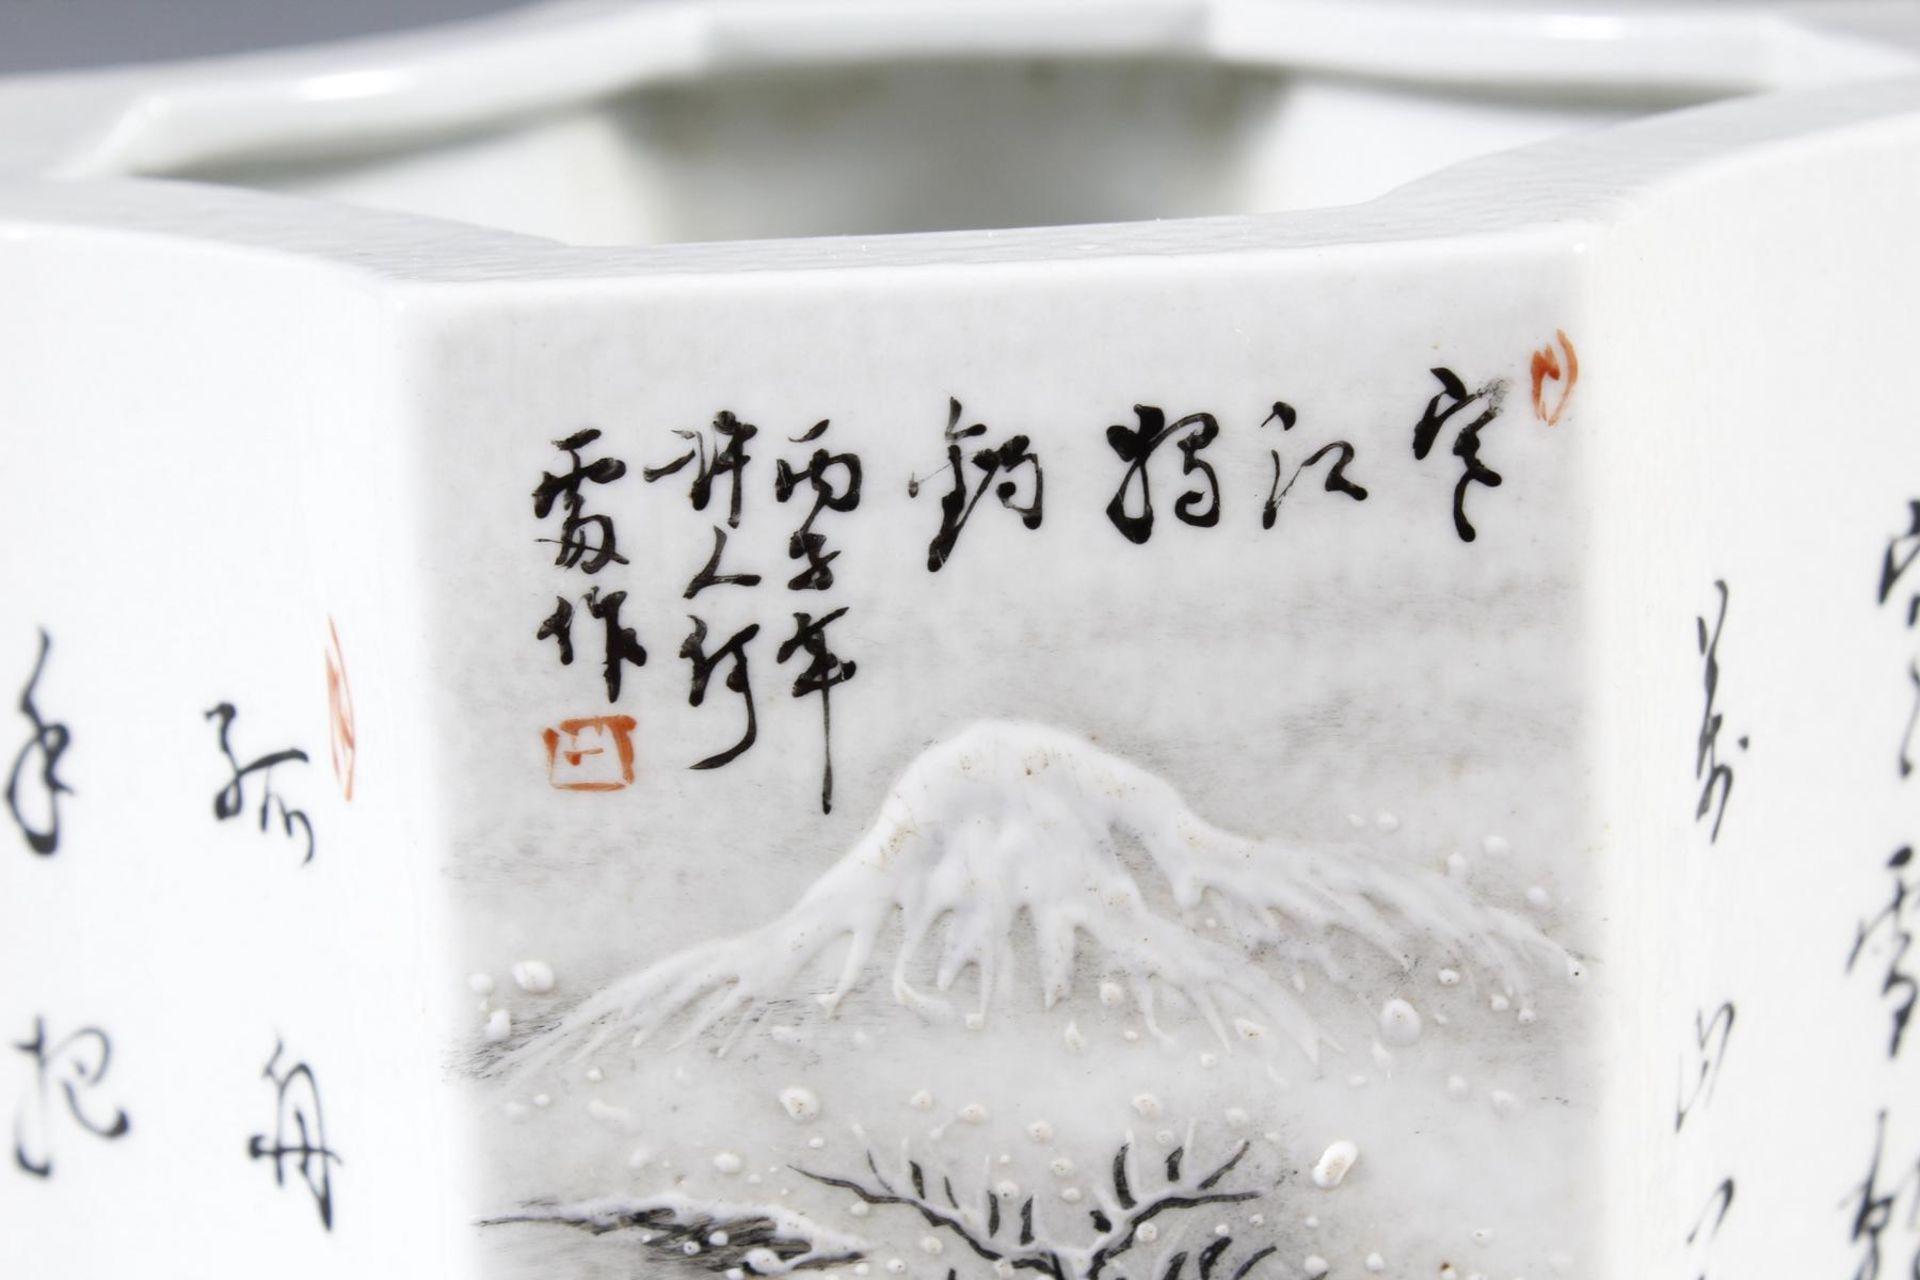 Porzellan-Pinselbehälter, China, Mitte 20. Jahrhundert - Bild 8 aus 15